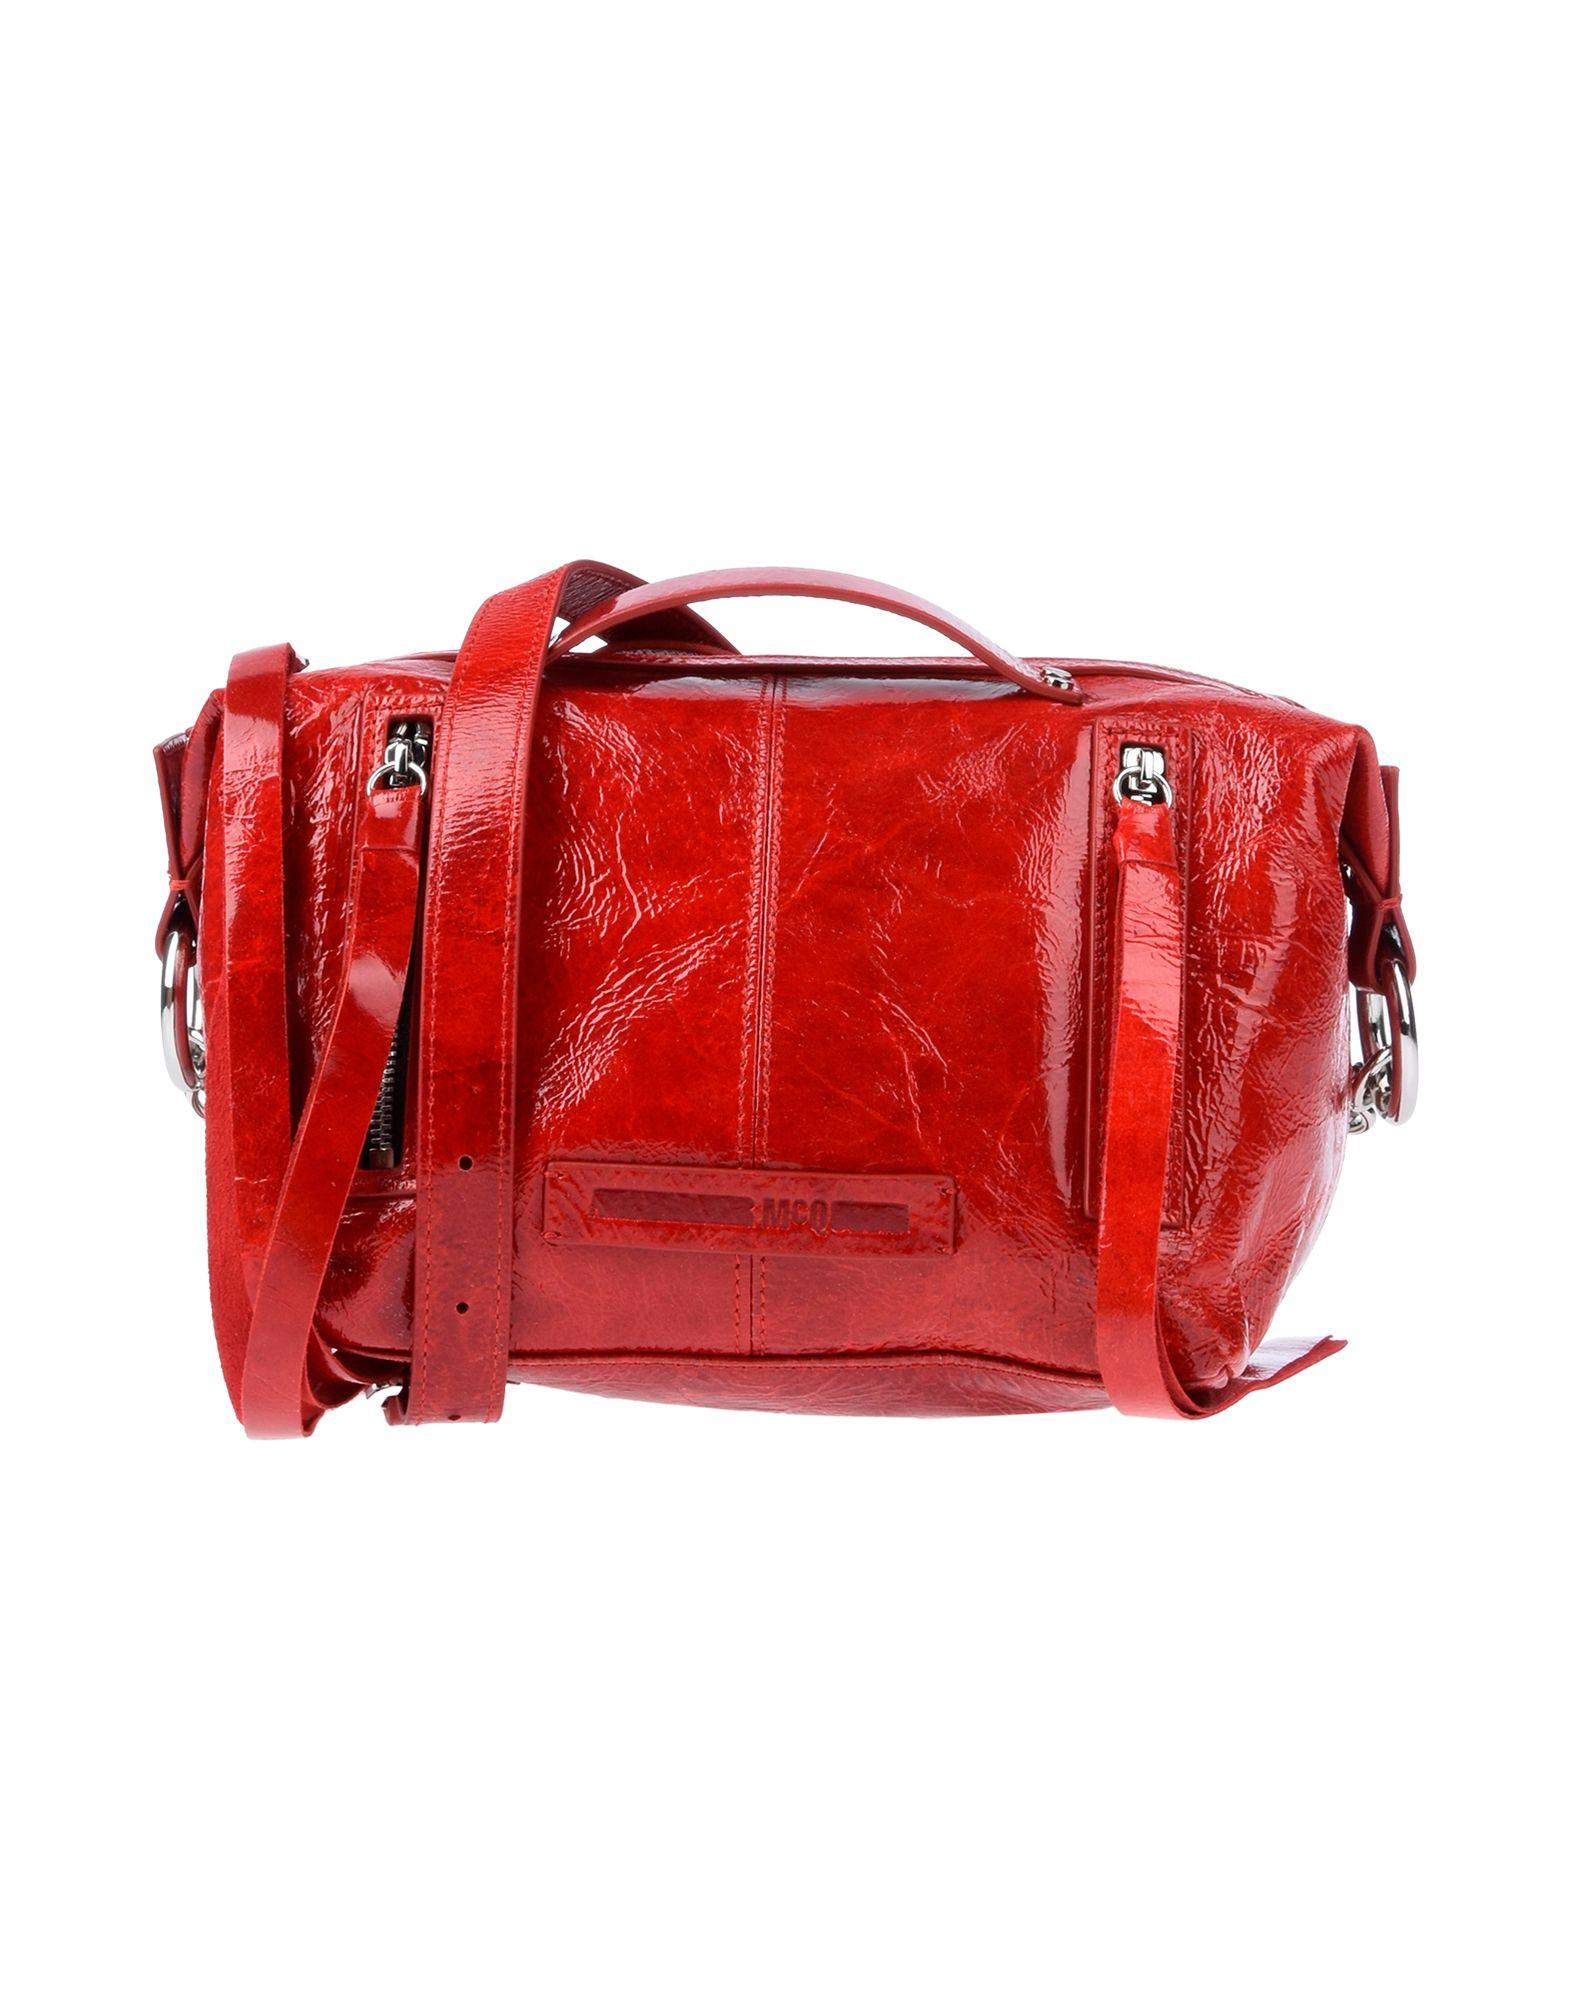 McQ Alexander McQueen Сумка через плечо сумка alexander mcqueen yr201502140038 heroine